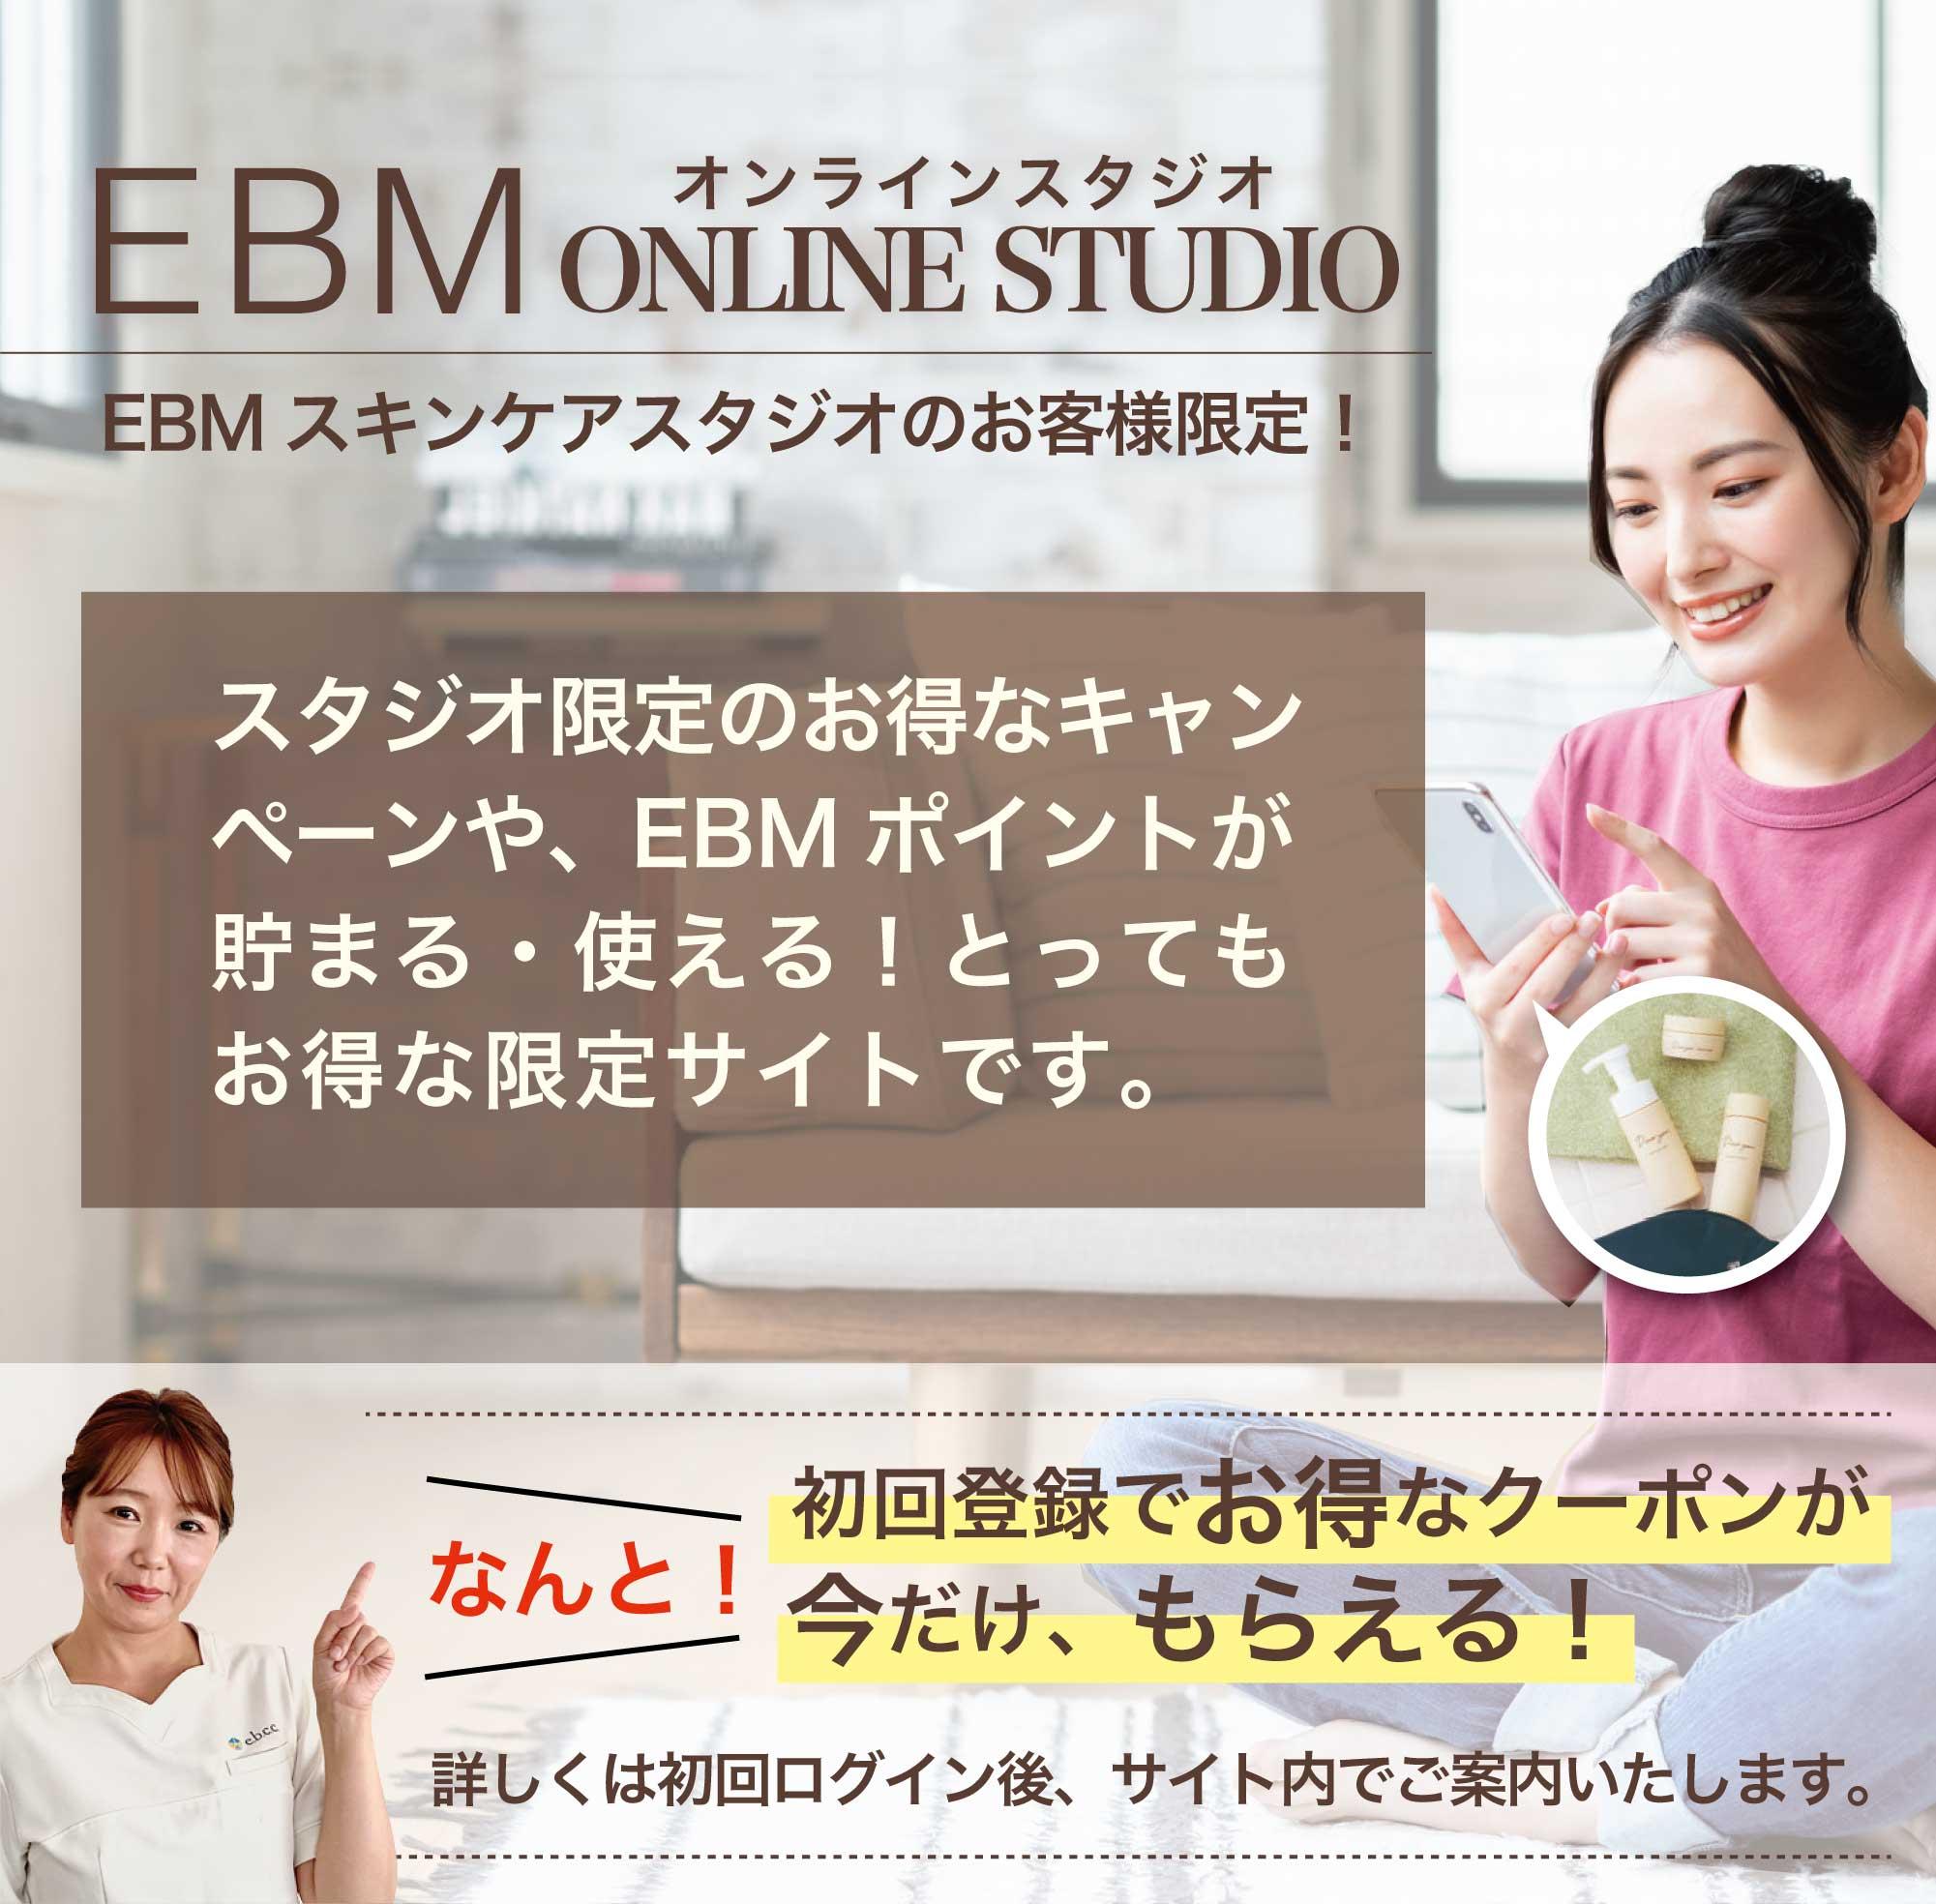 EBM ONLINE STUDIO オンラインスタジオ EBMスキンケアスタジオのお客様限定!スタジオ限定のお得なキャンペーンや、EBMポイントが貯まる・使える!とってもお得な限定サイトです。なんと!初回登録でお得なクーポンが今だけ、もらえる!詳しくは初回ログイン後、サイト内でご案内いたします。